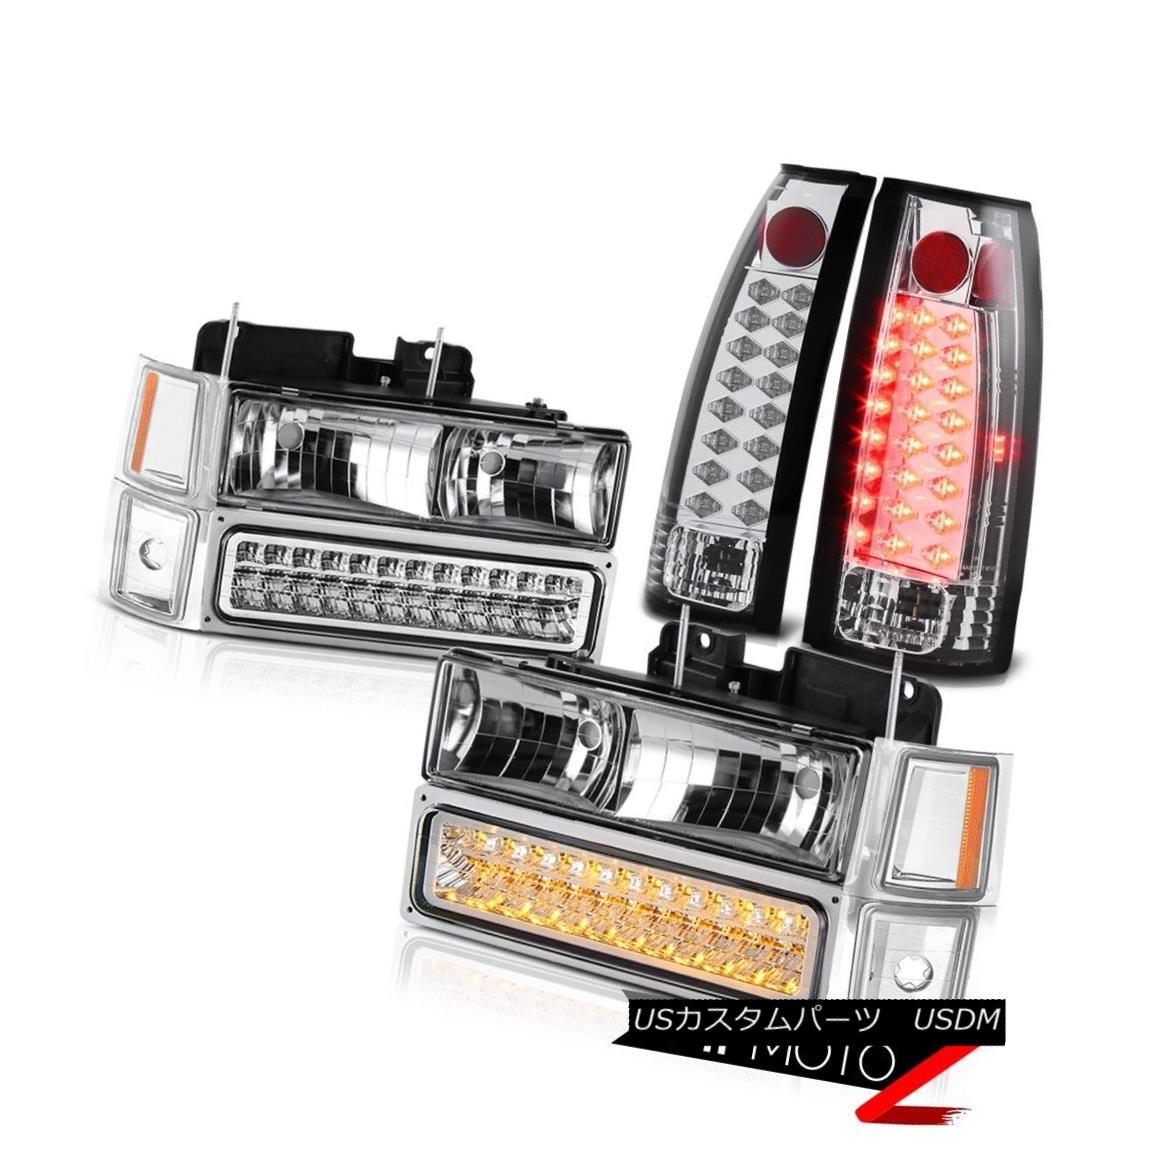 テールライト 1994 1995 1996 1997 1998 Chevy Tahoe Suburban LED Taillights Chrome Headlights 1994年1995年1996年1997年1998年Chevy Tahoe郊外型LEDテールライトクロームヘッドライト